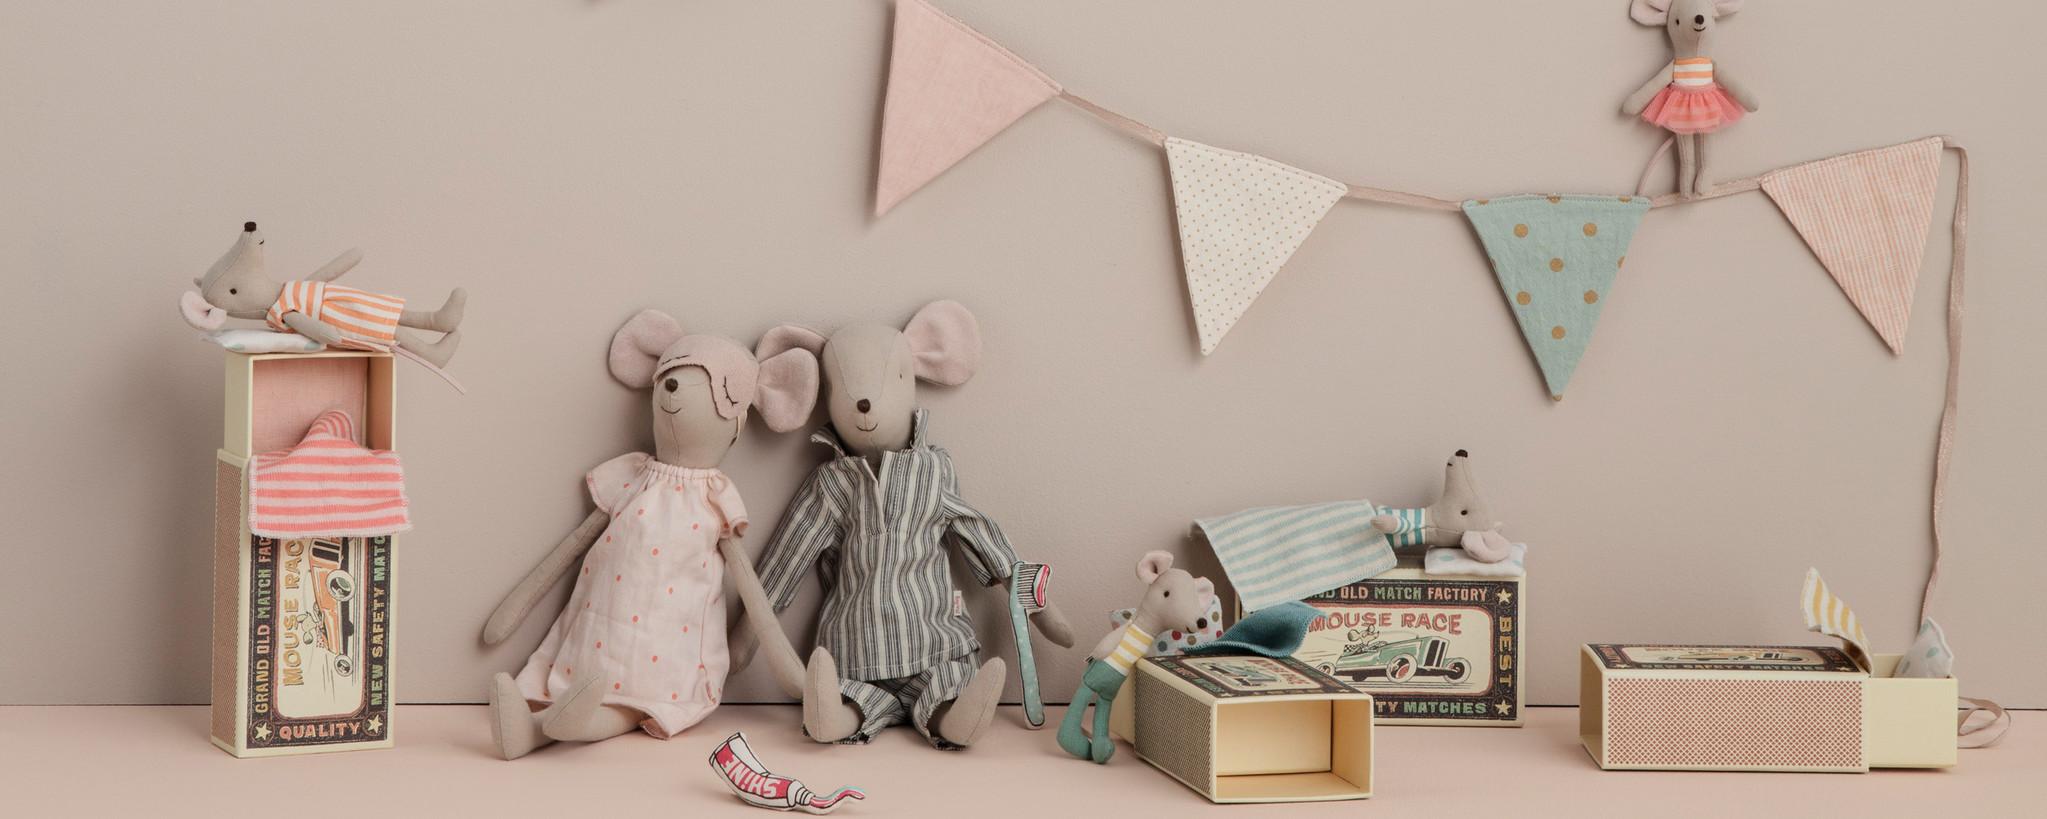 Maileg muisjes zijn onweerstaanbaar lief